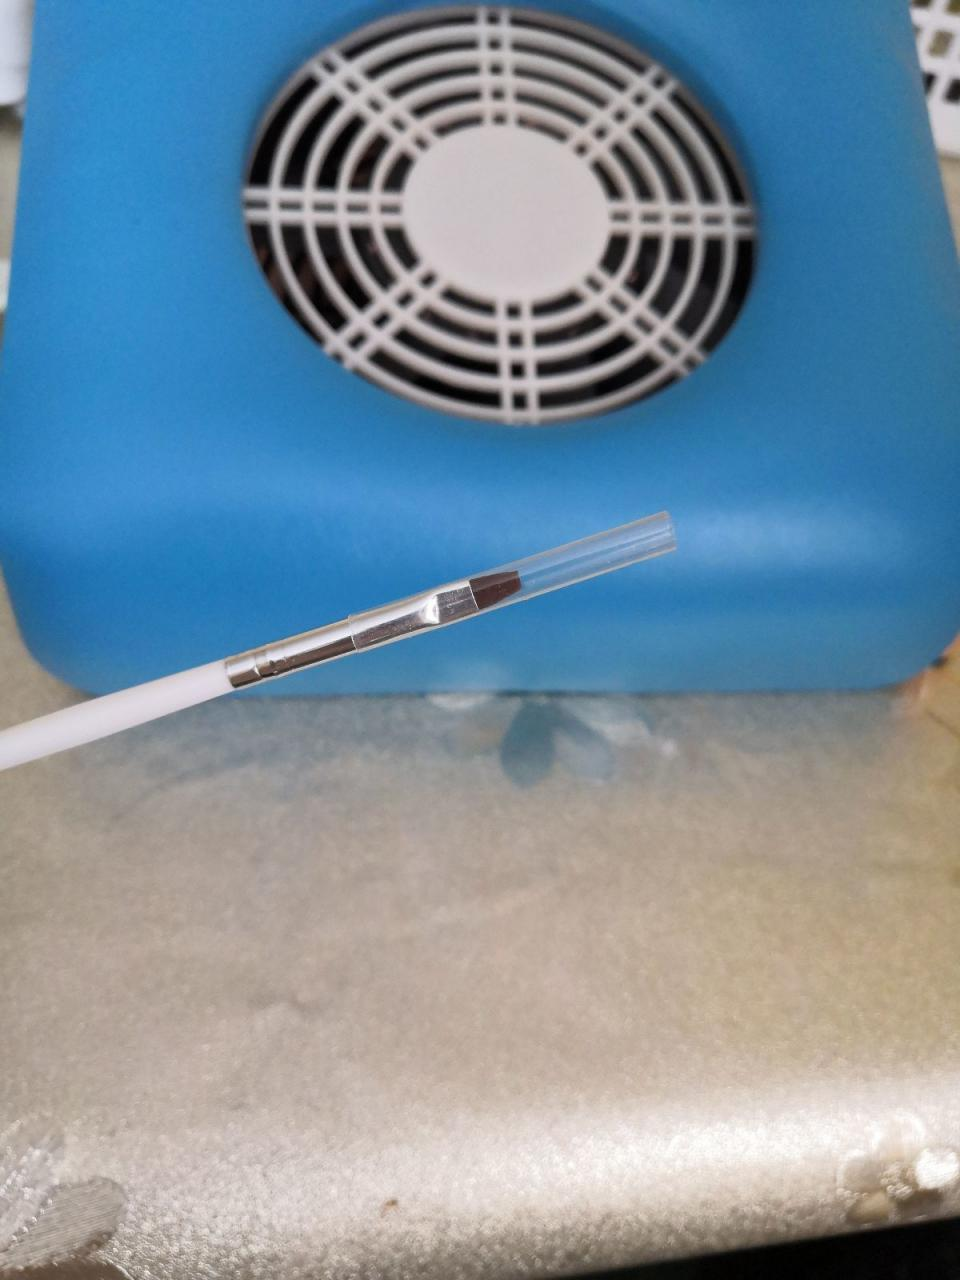 Отзыв на товар: Кисть для дизайна и наращивания ногтей прямая плоская, 17,5 см, цвет белый. Queen Fair. Вид 1 от 1613908988